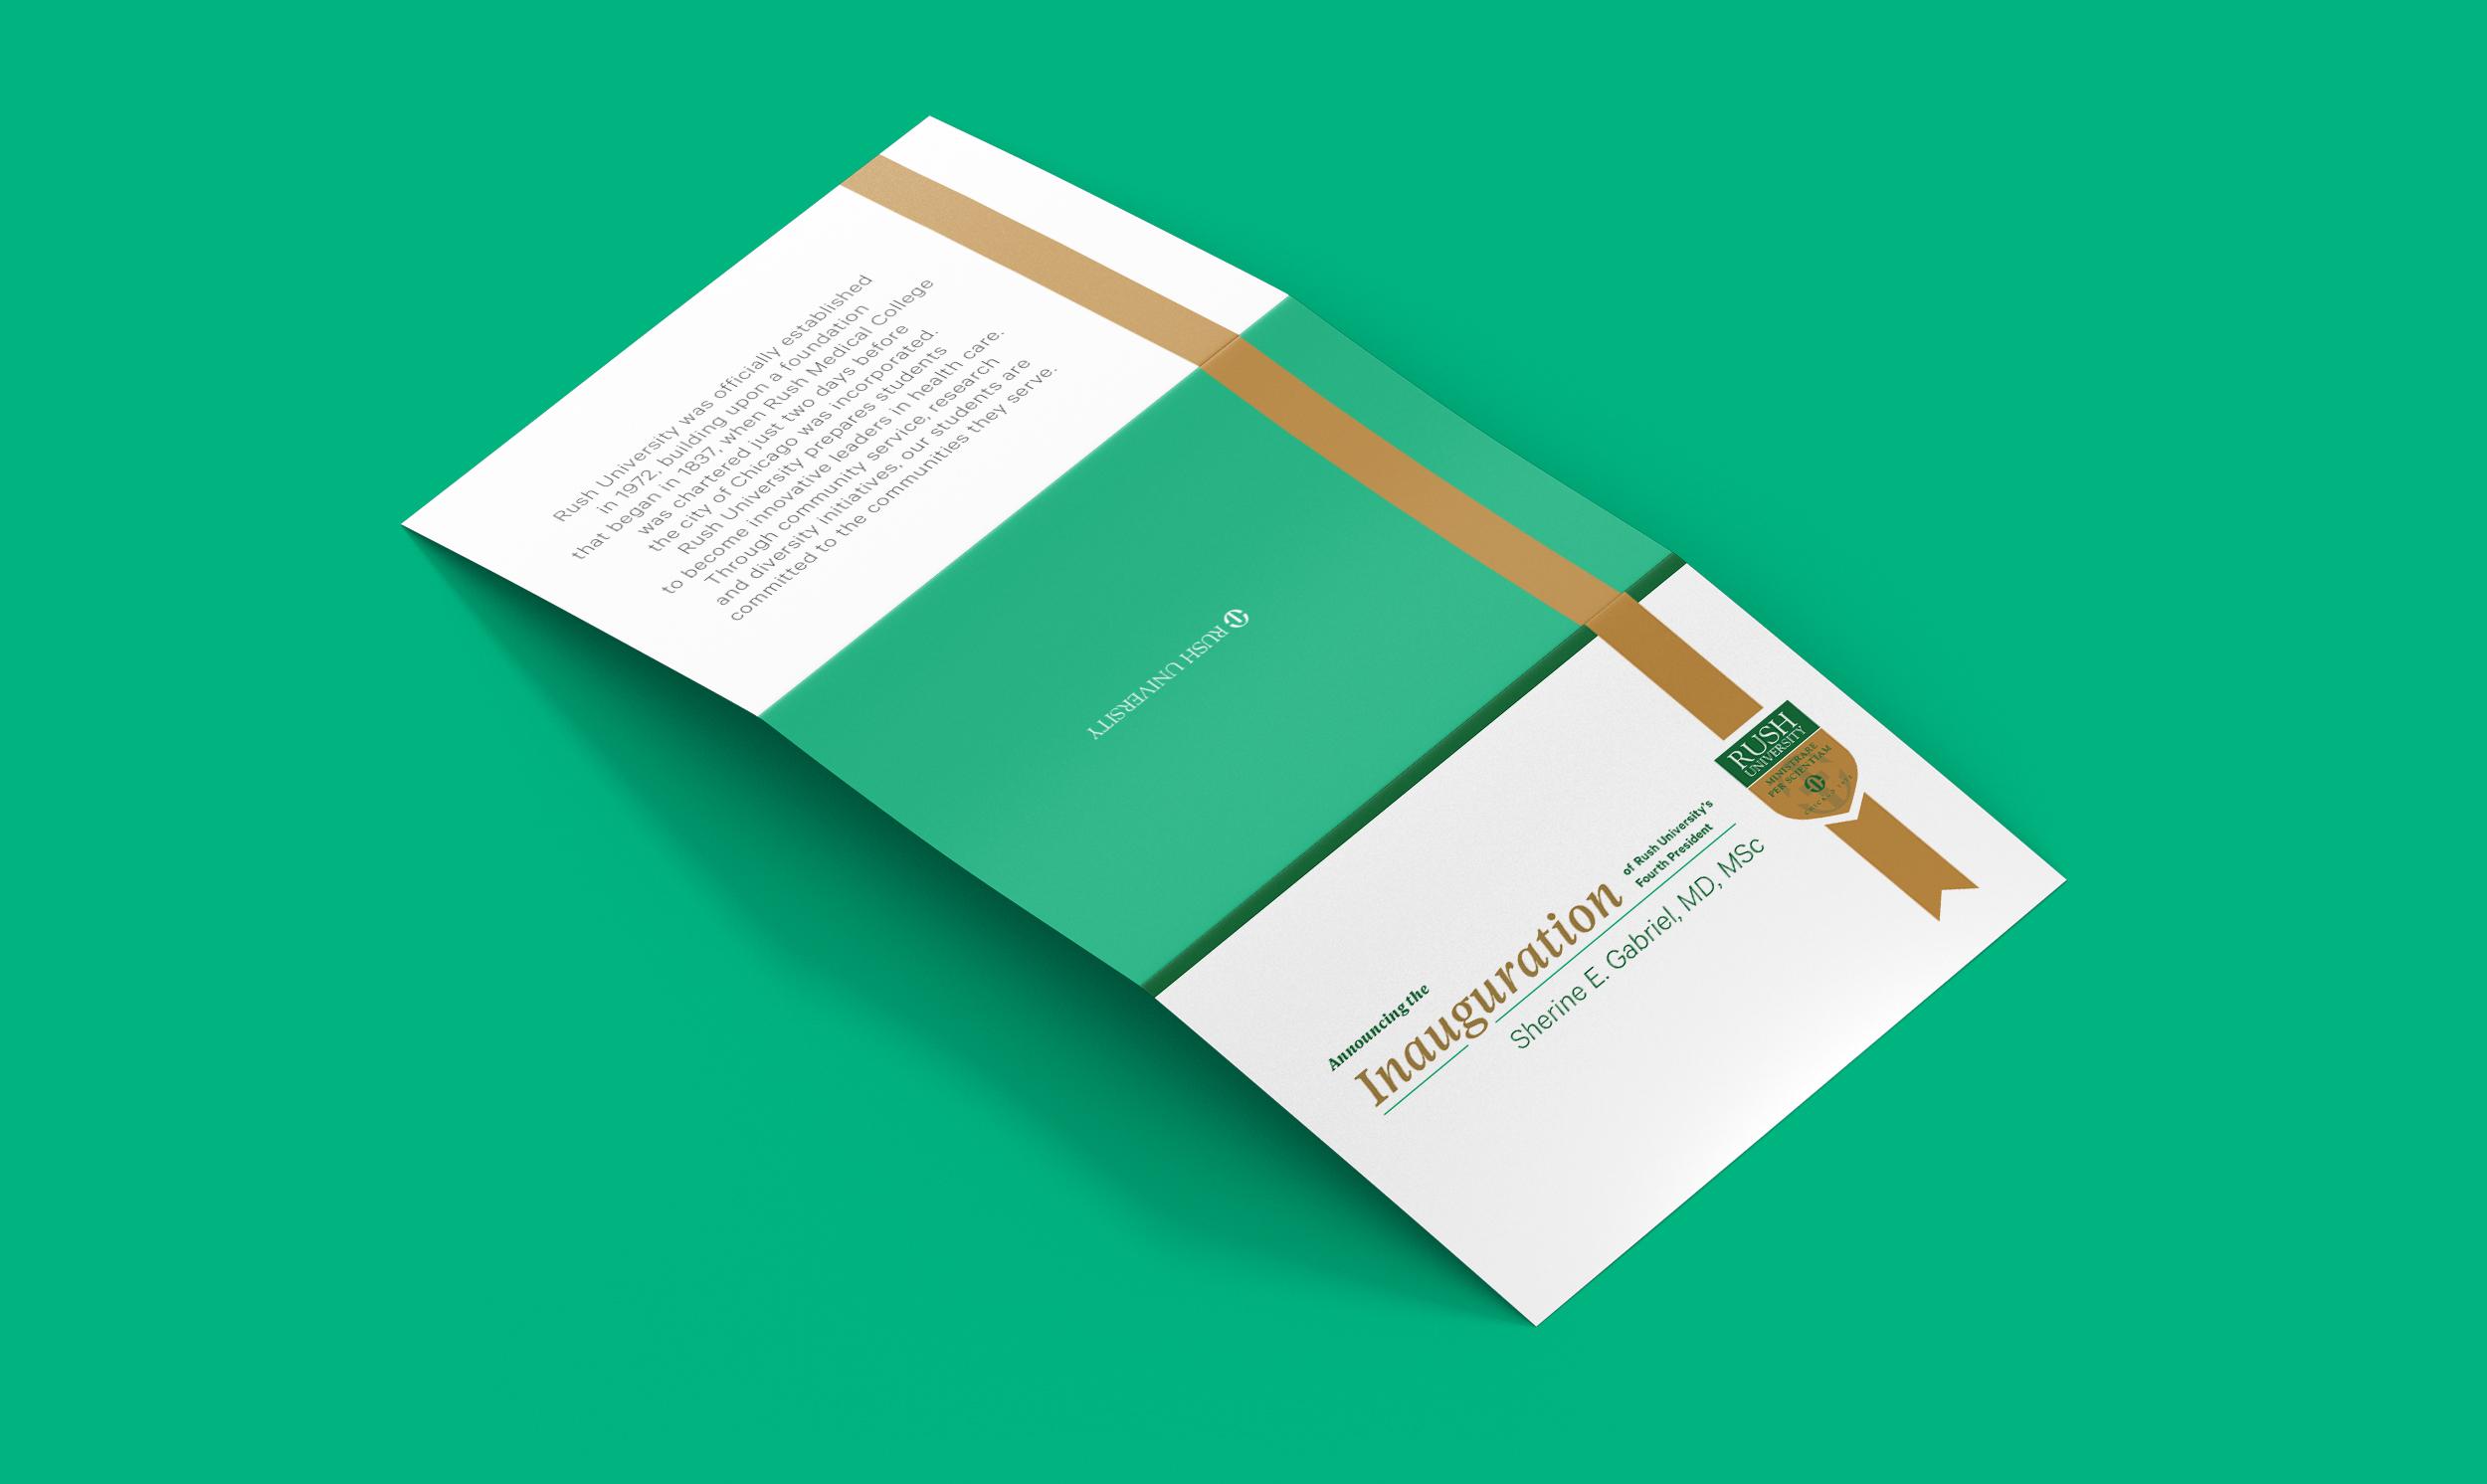 Trifold_brochure_open_back_side